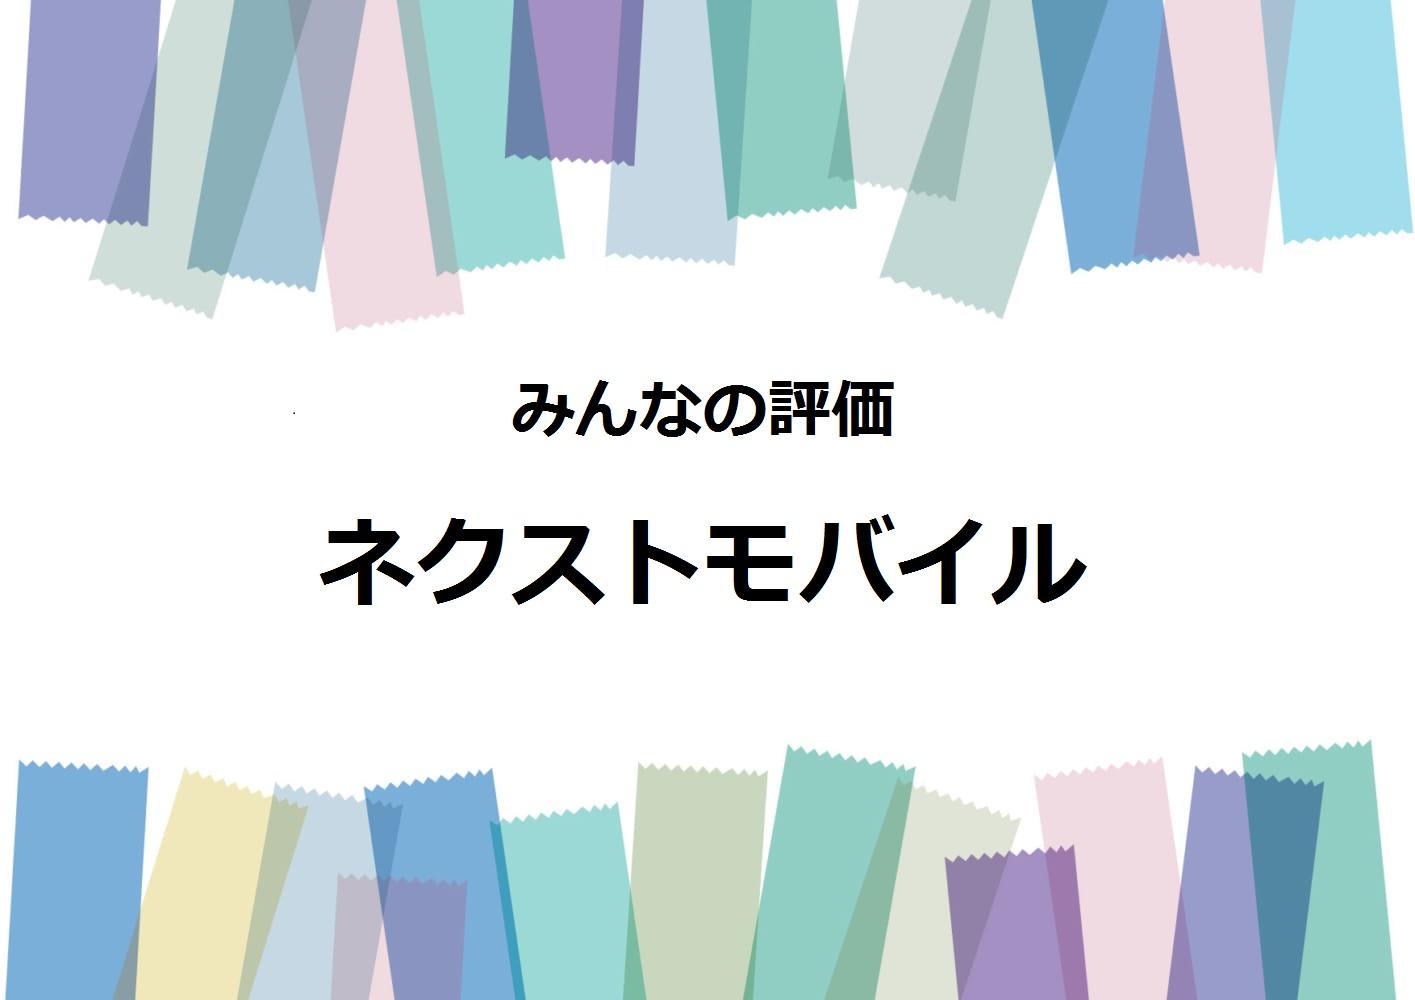 ネクストモバイル 口コミ 評判